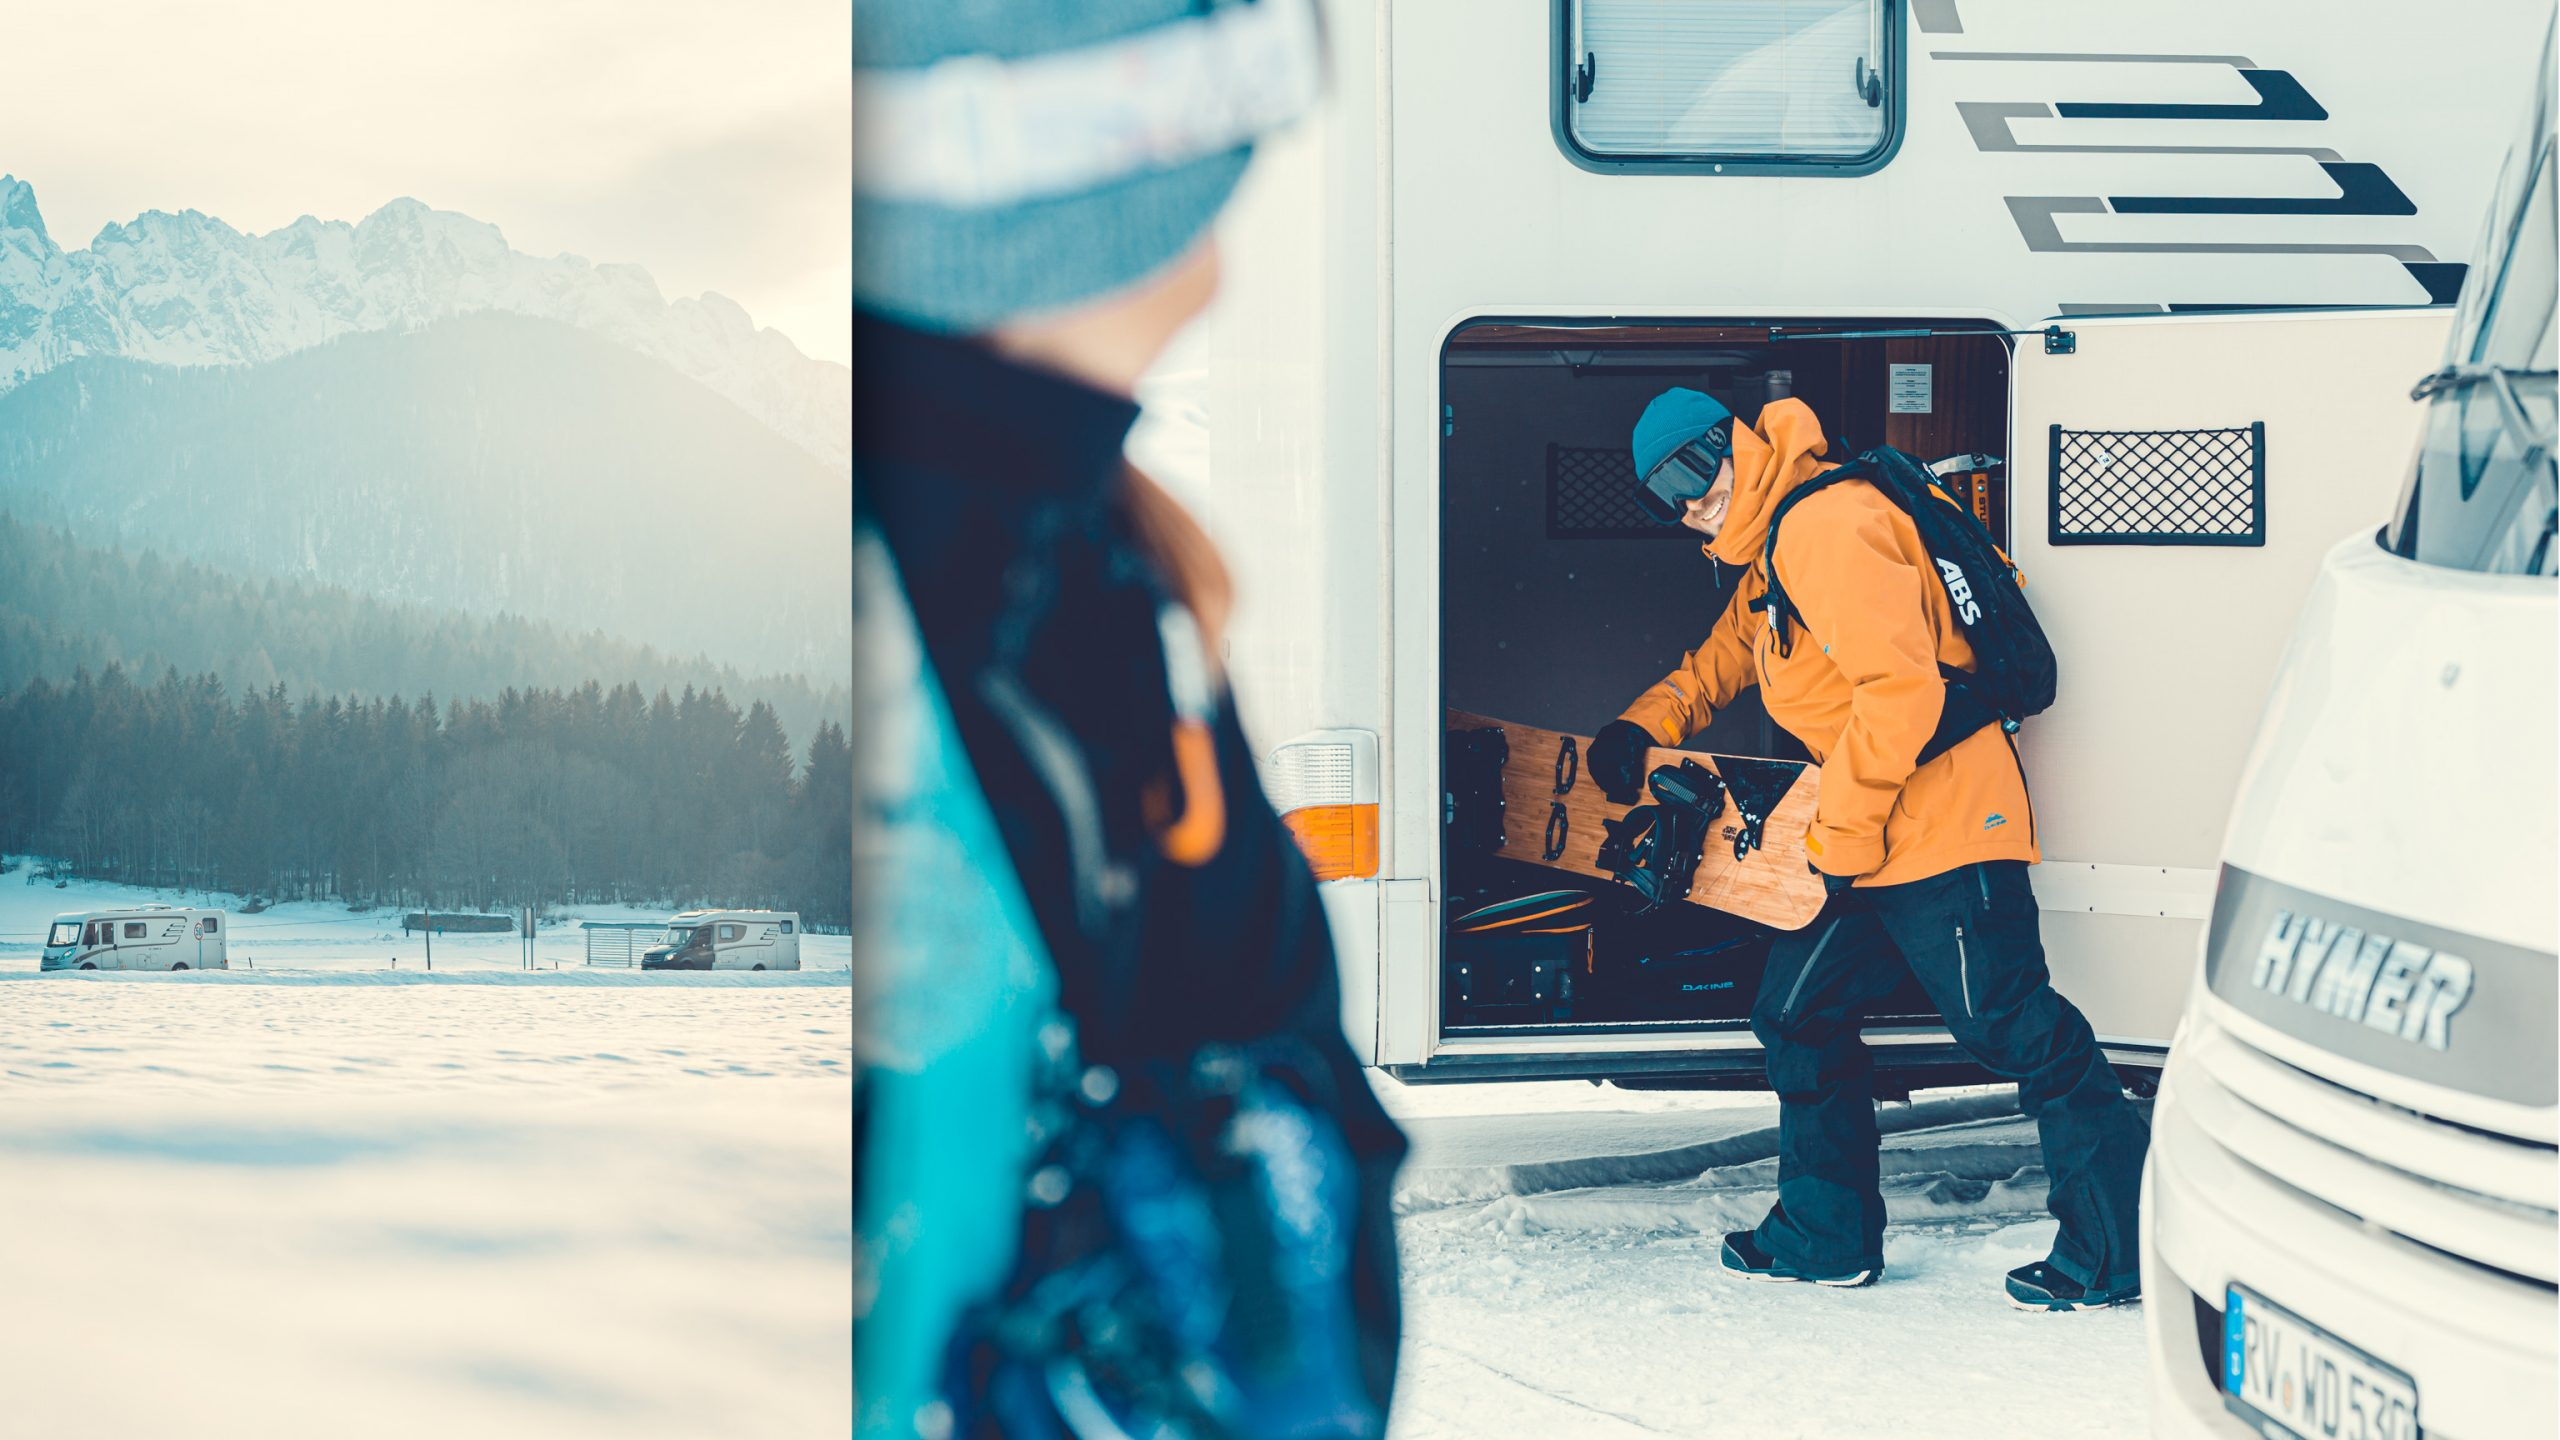 Snowboard Ausladen aus dem Kofferraum des Hymer Wohnmobil in Narvis bei Sonnenuntergang mit Bergen, Gipfeln und Schnee, ABS-Rucksack